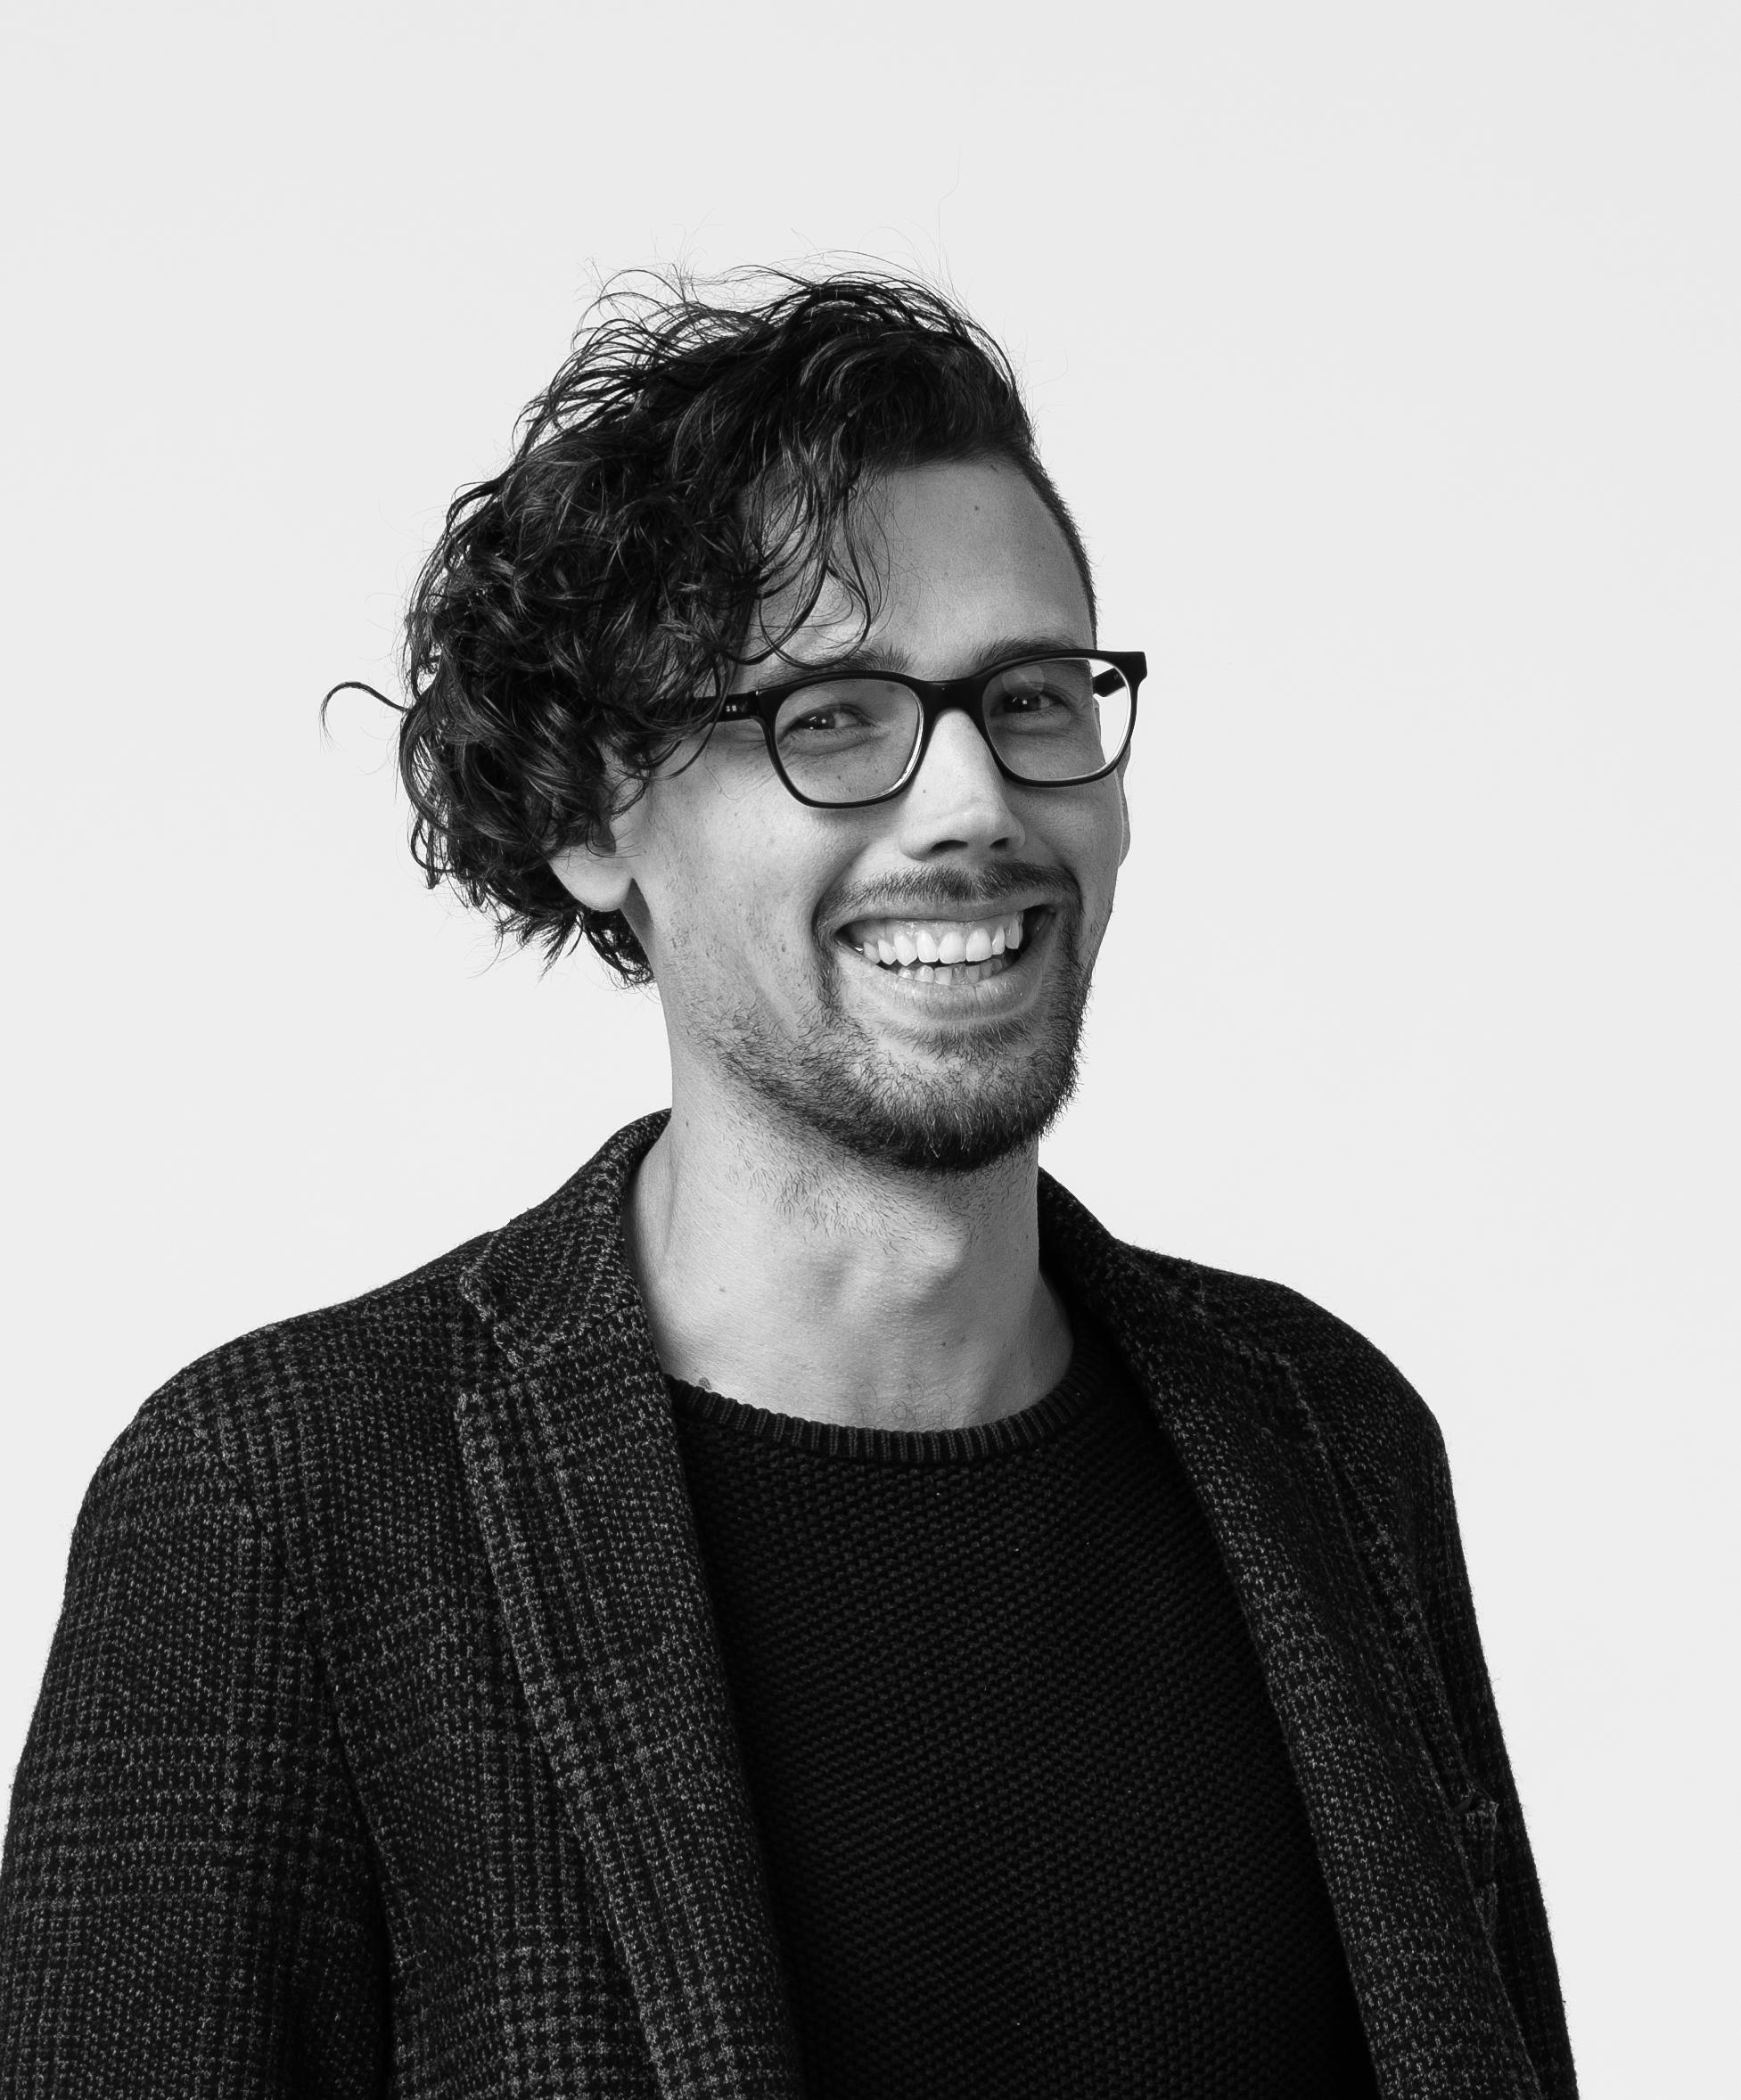 Florian Reiche